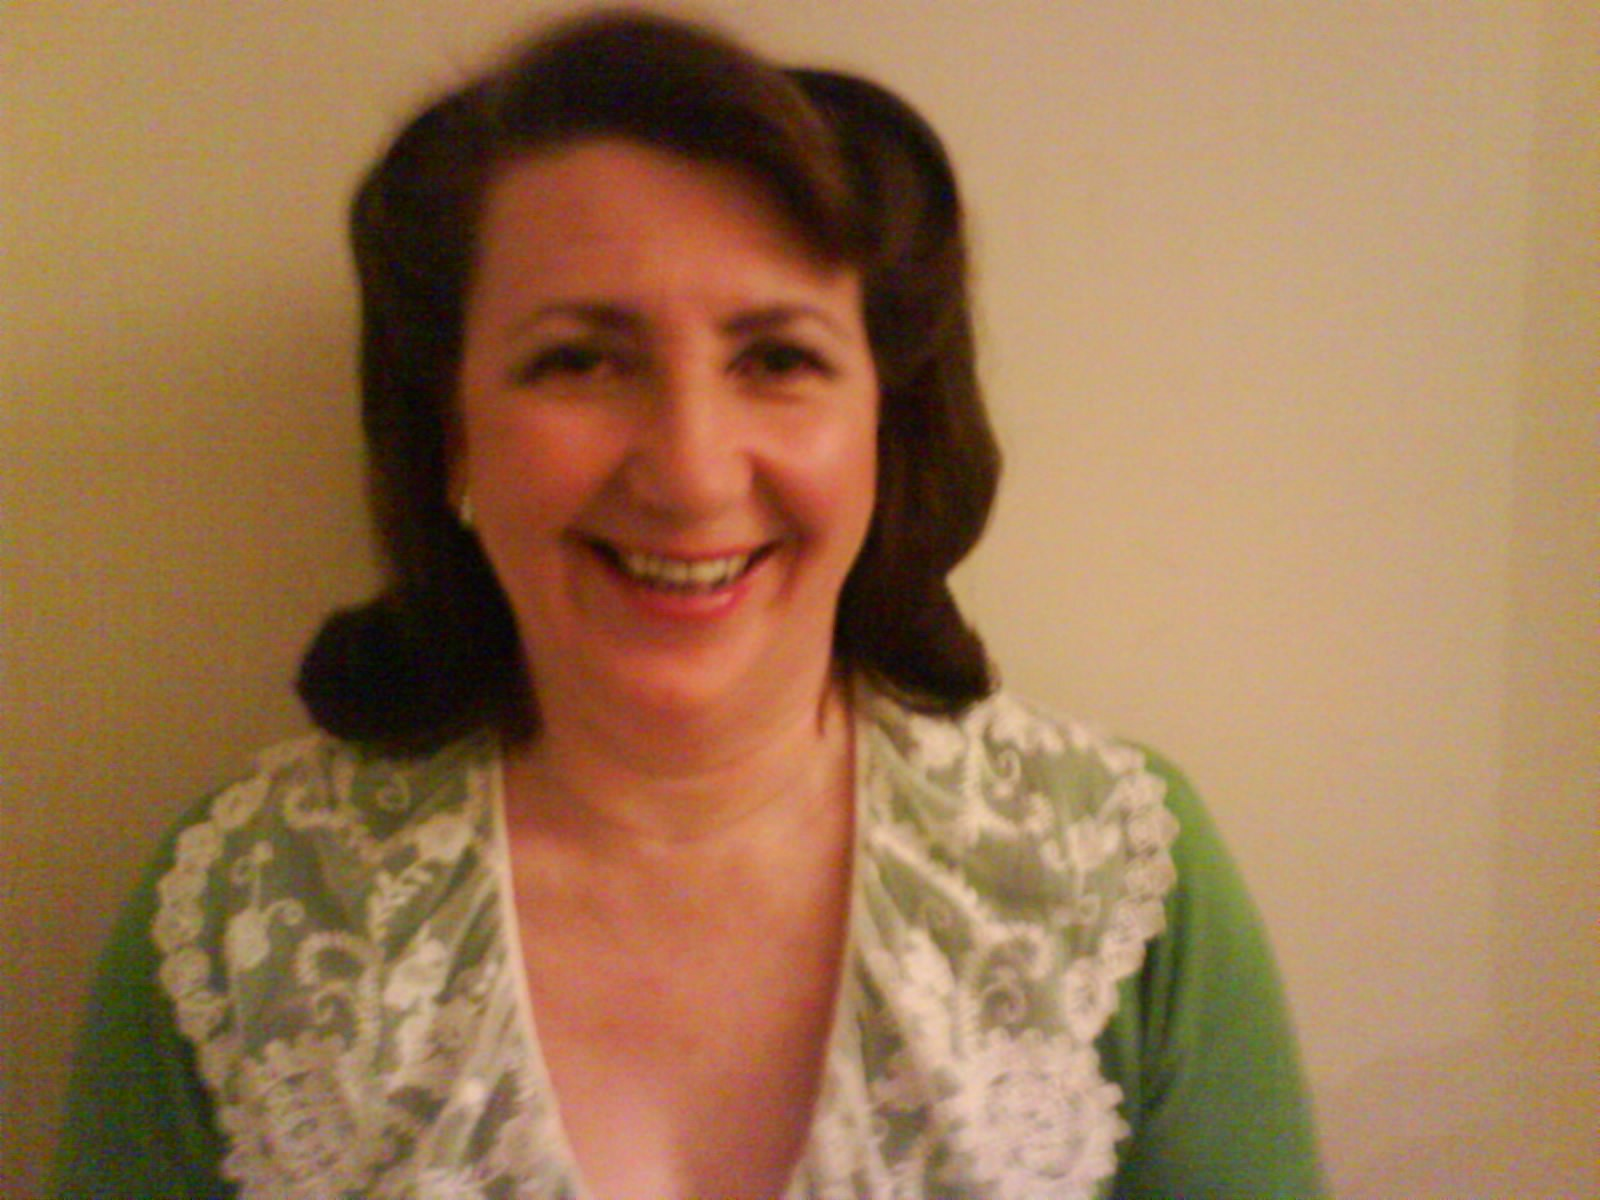 Janette Barnes